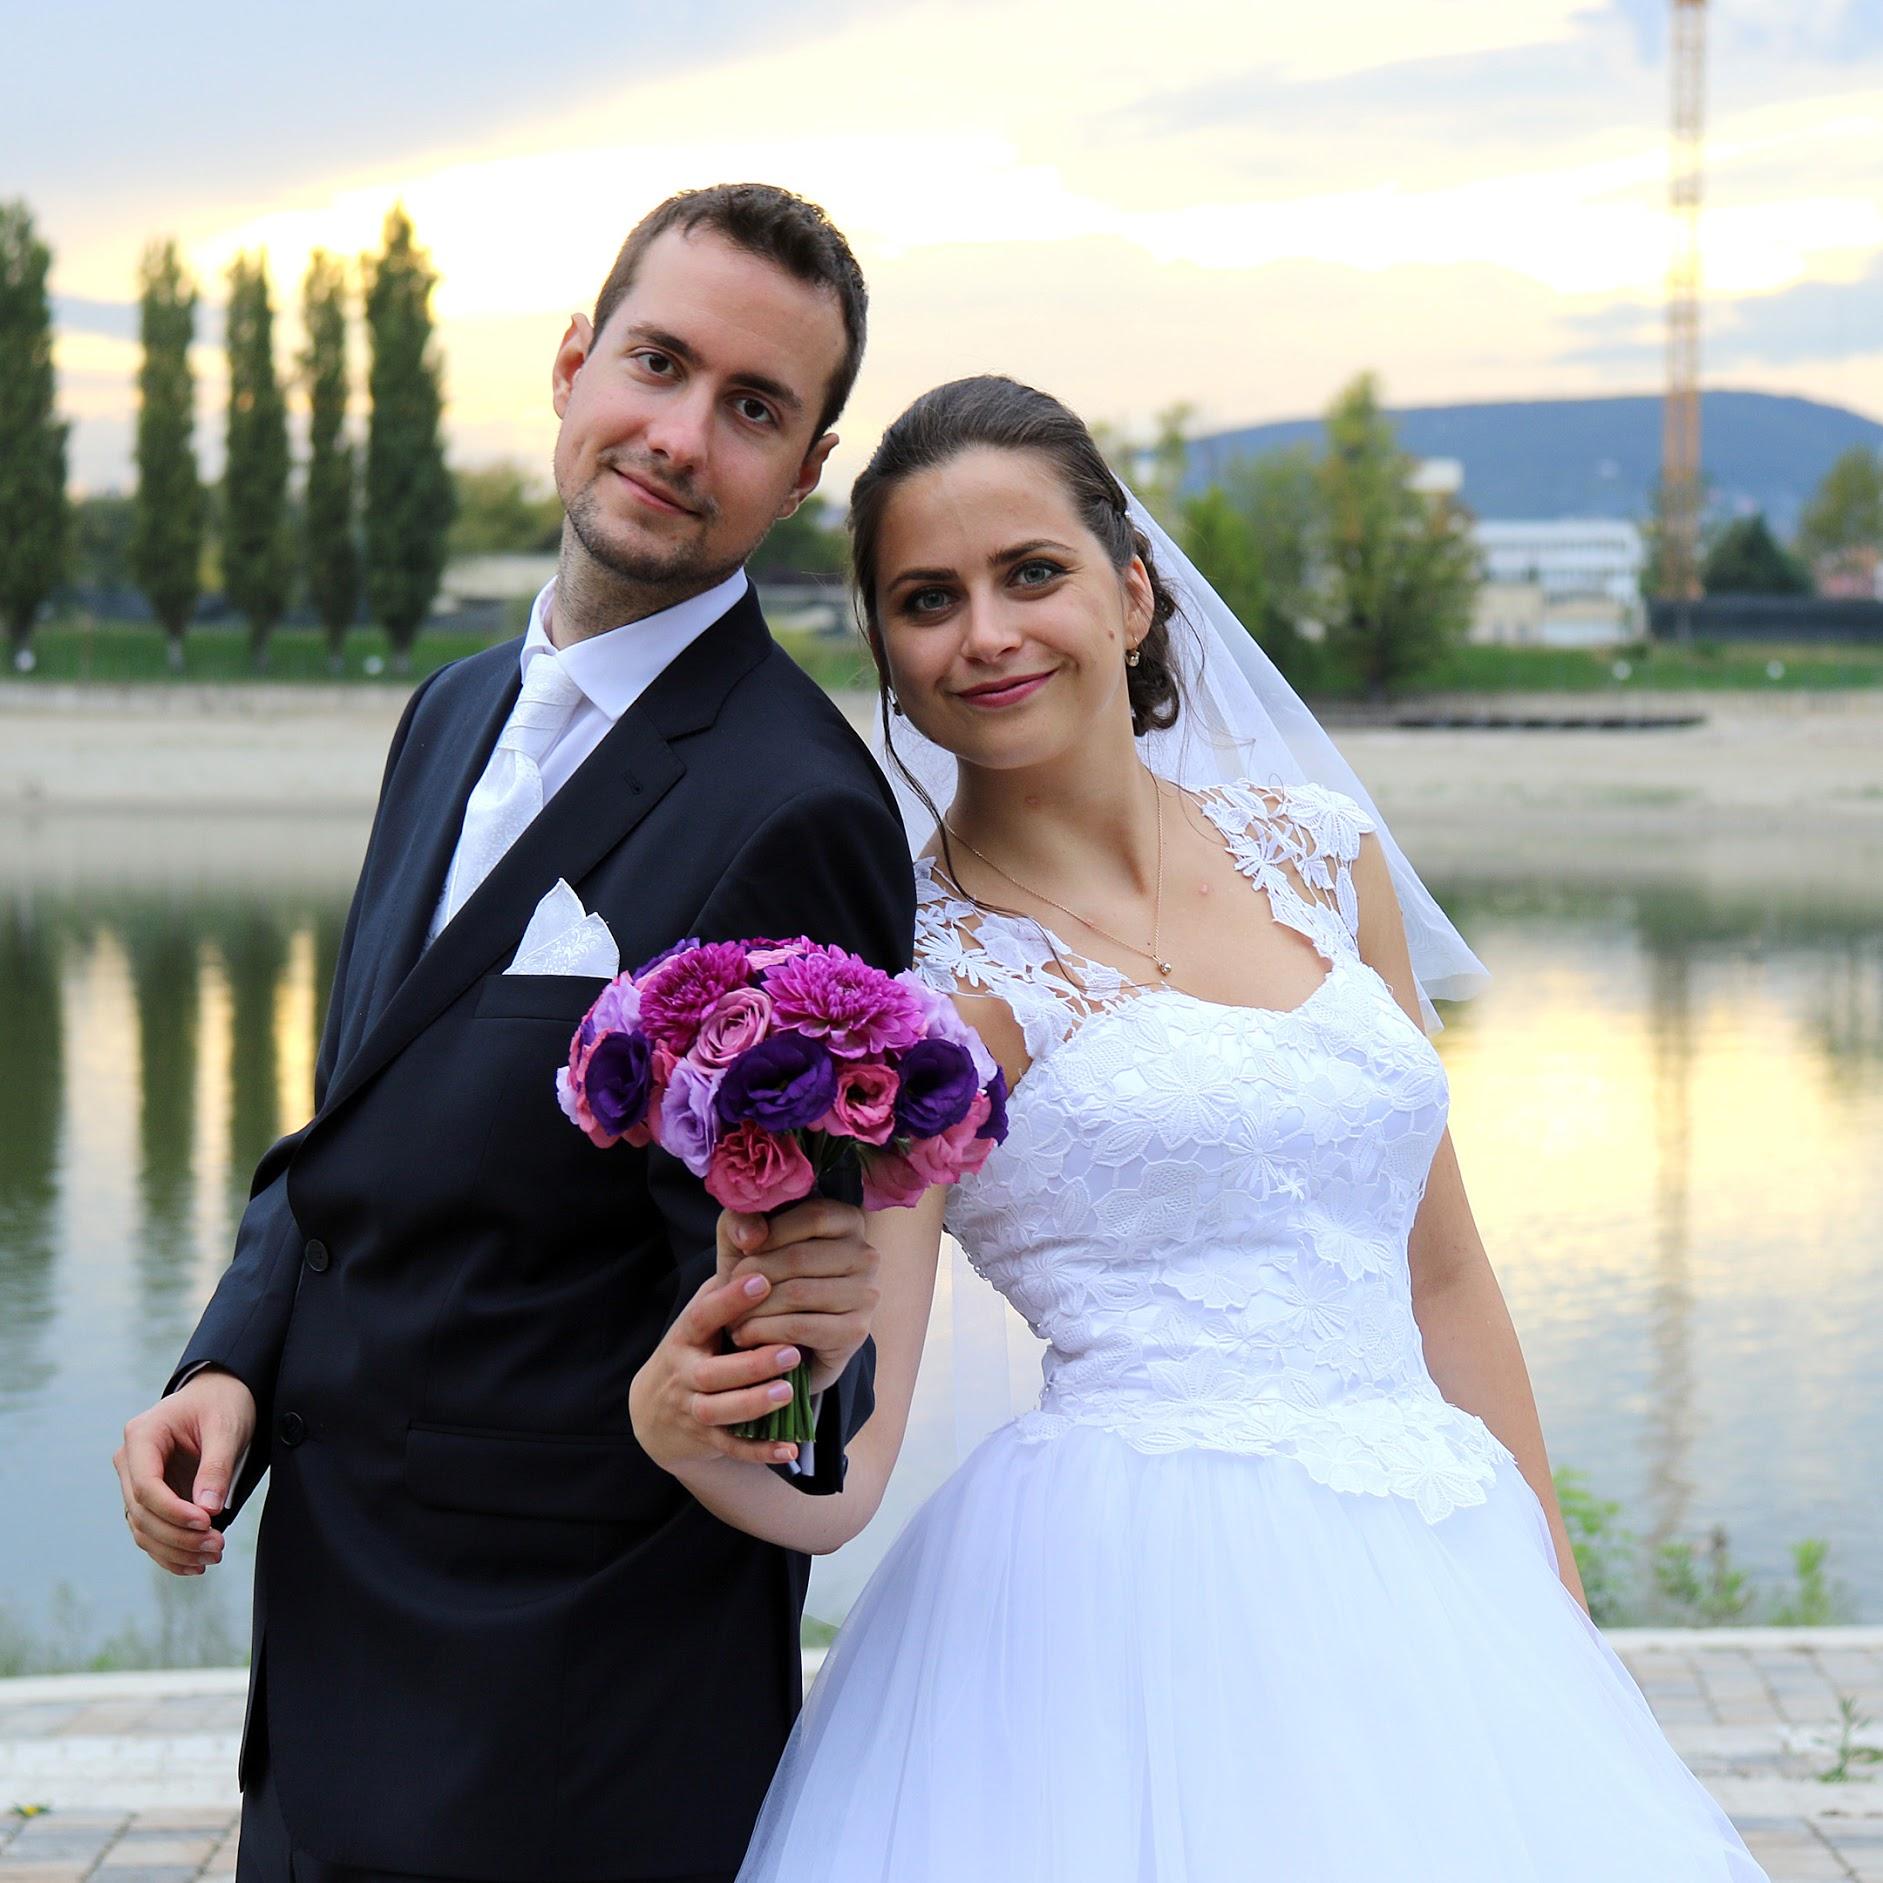 kopaszi gát esküvőfotó Harsányi Miklós esküvői fotós választása